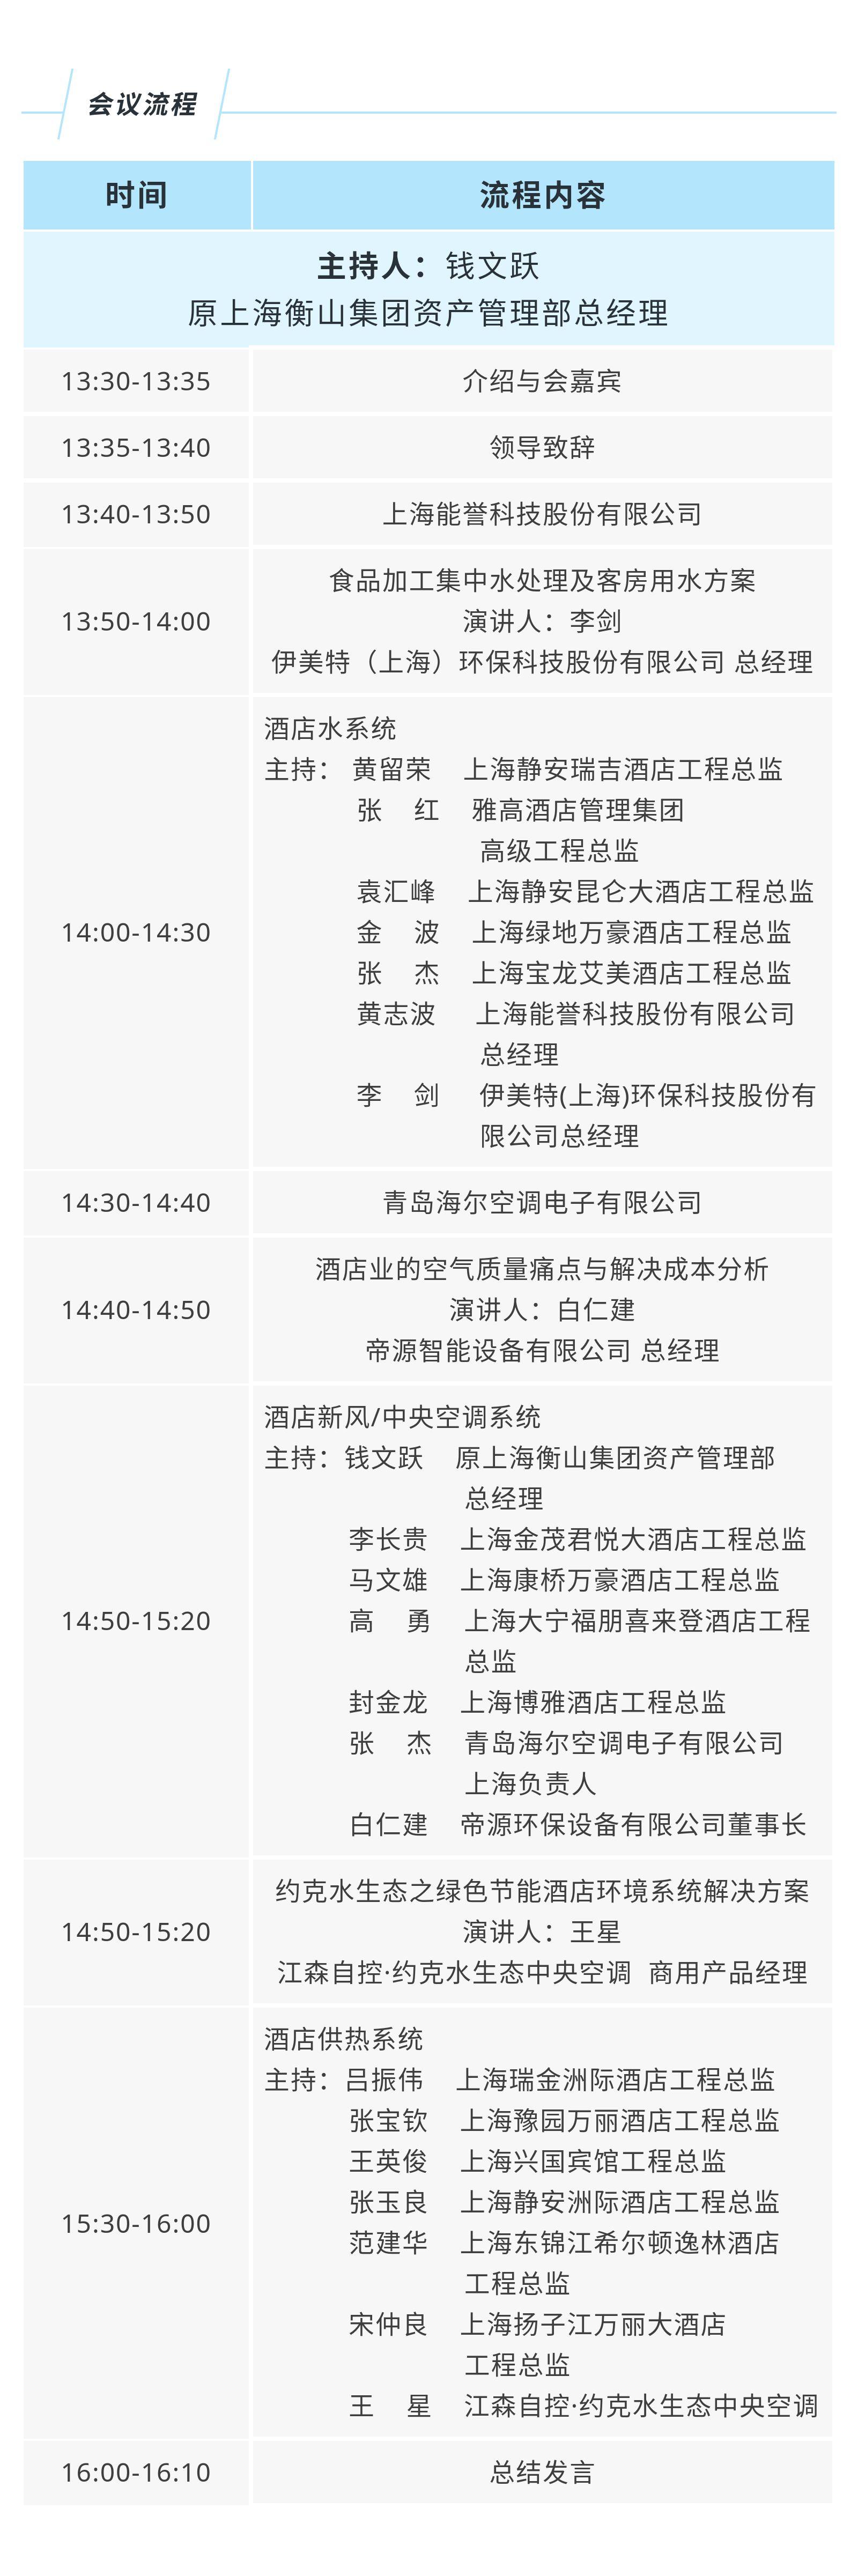 2020酒店舒适与节能系统技术论坛-_上海舒适系统展